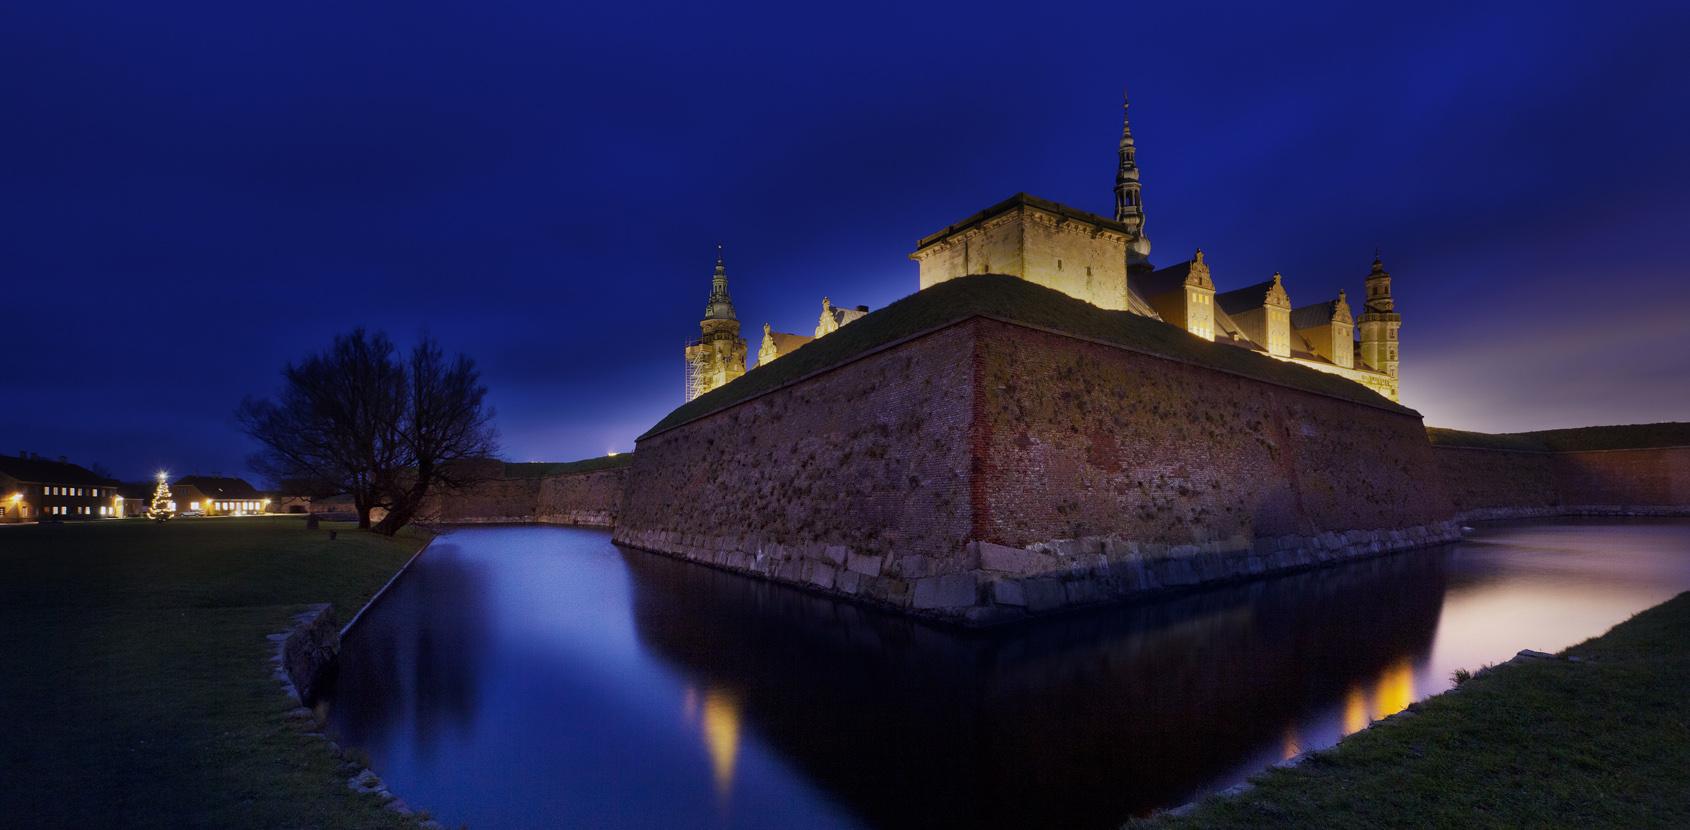 Kronborg Castle at night. Photo: Styrelsen for Slotte og Kulturejendomme